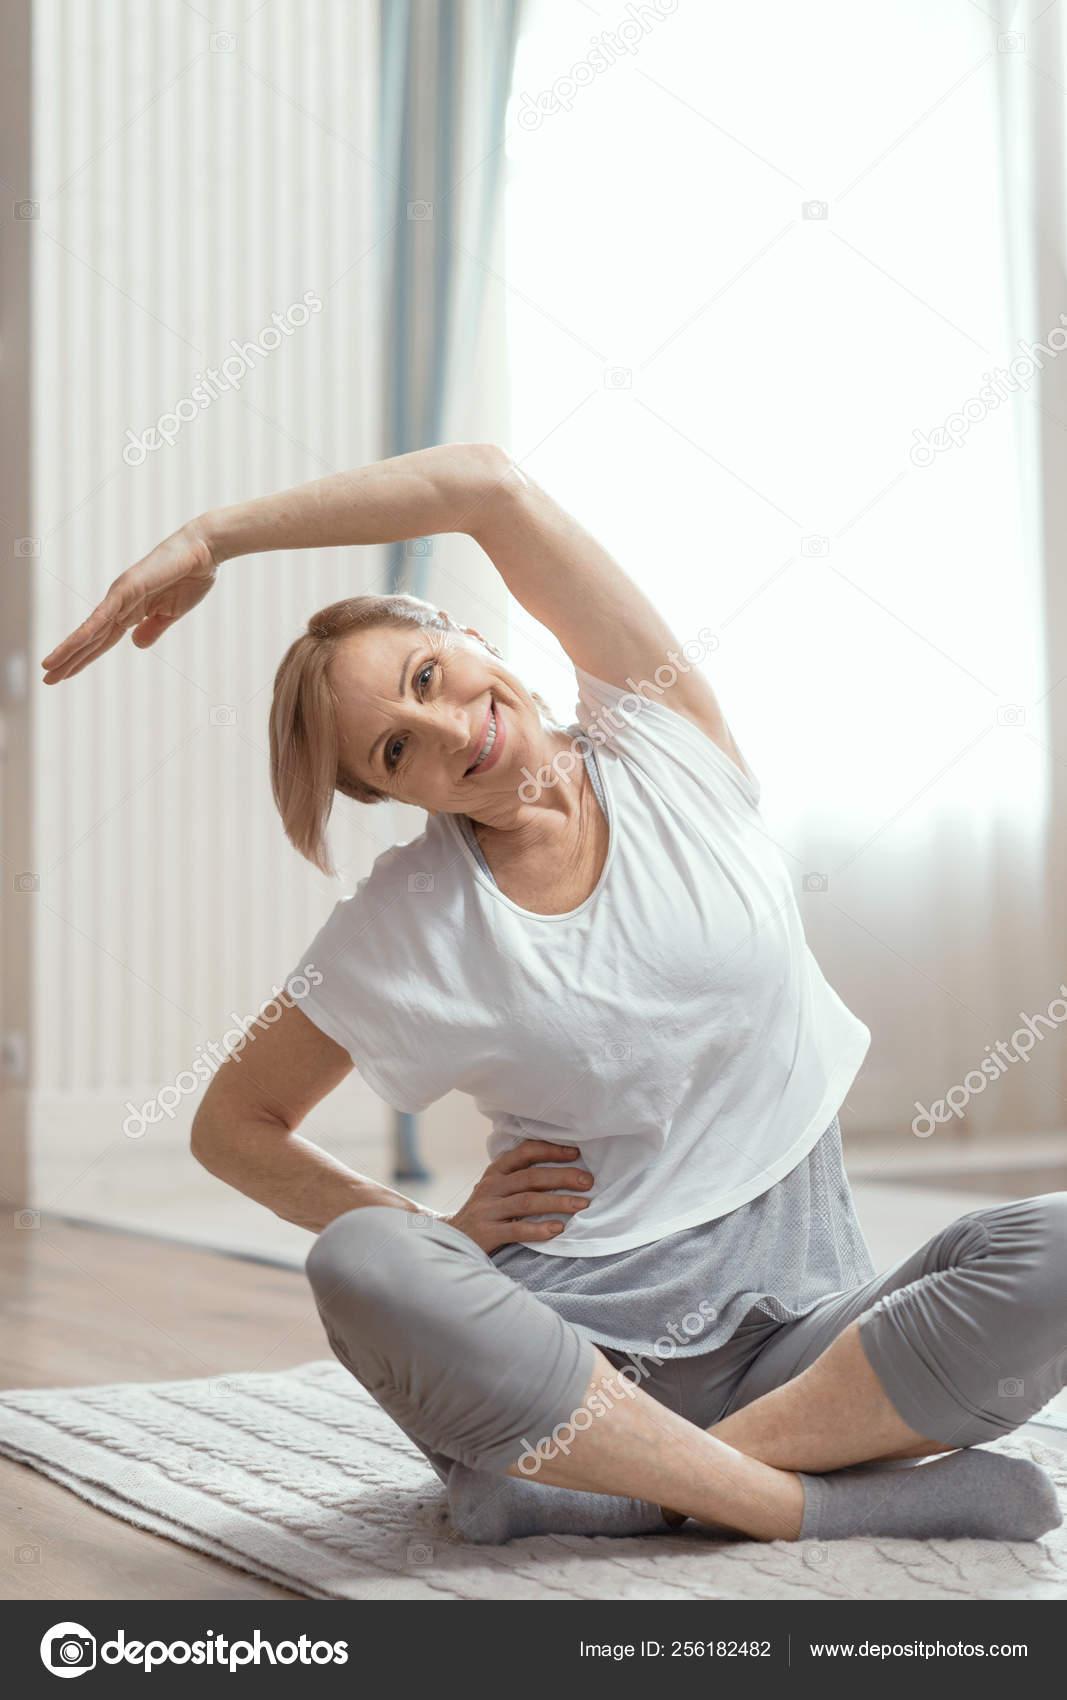 Yoga Classes At Home Beautiful Women Over 50 Years Stock Photo C Svyatoslavlipik 256182482